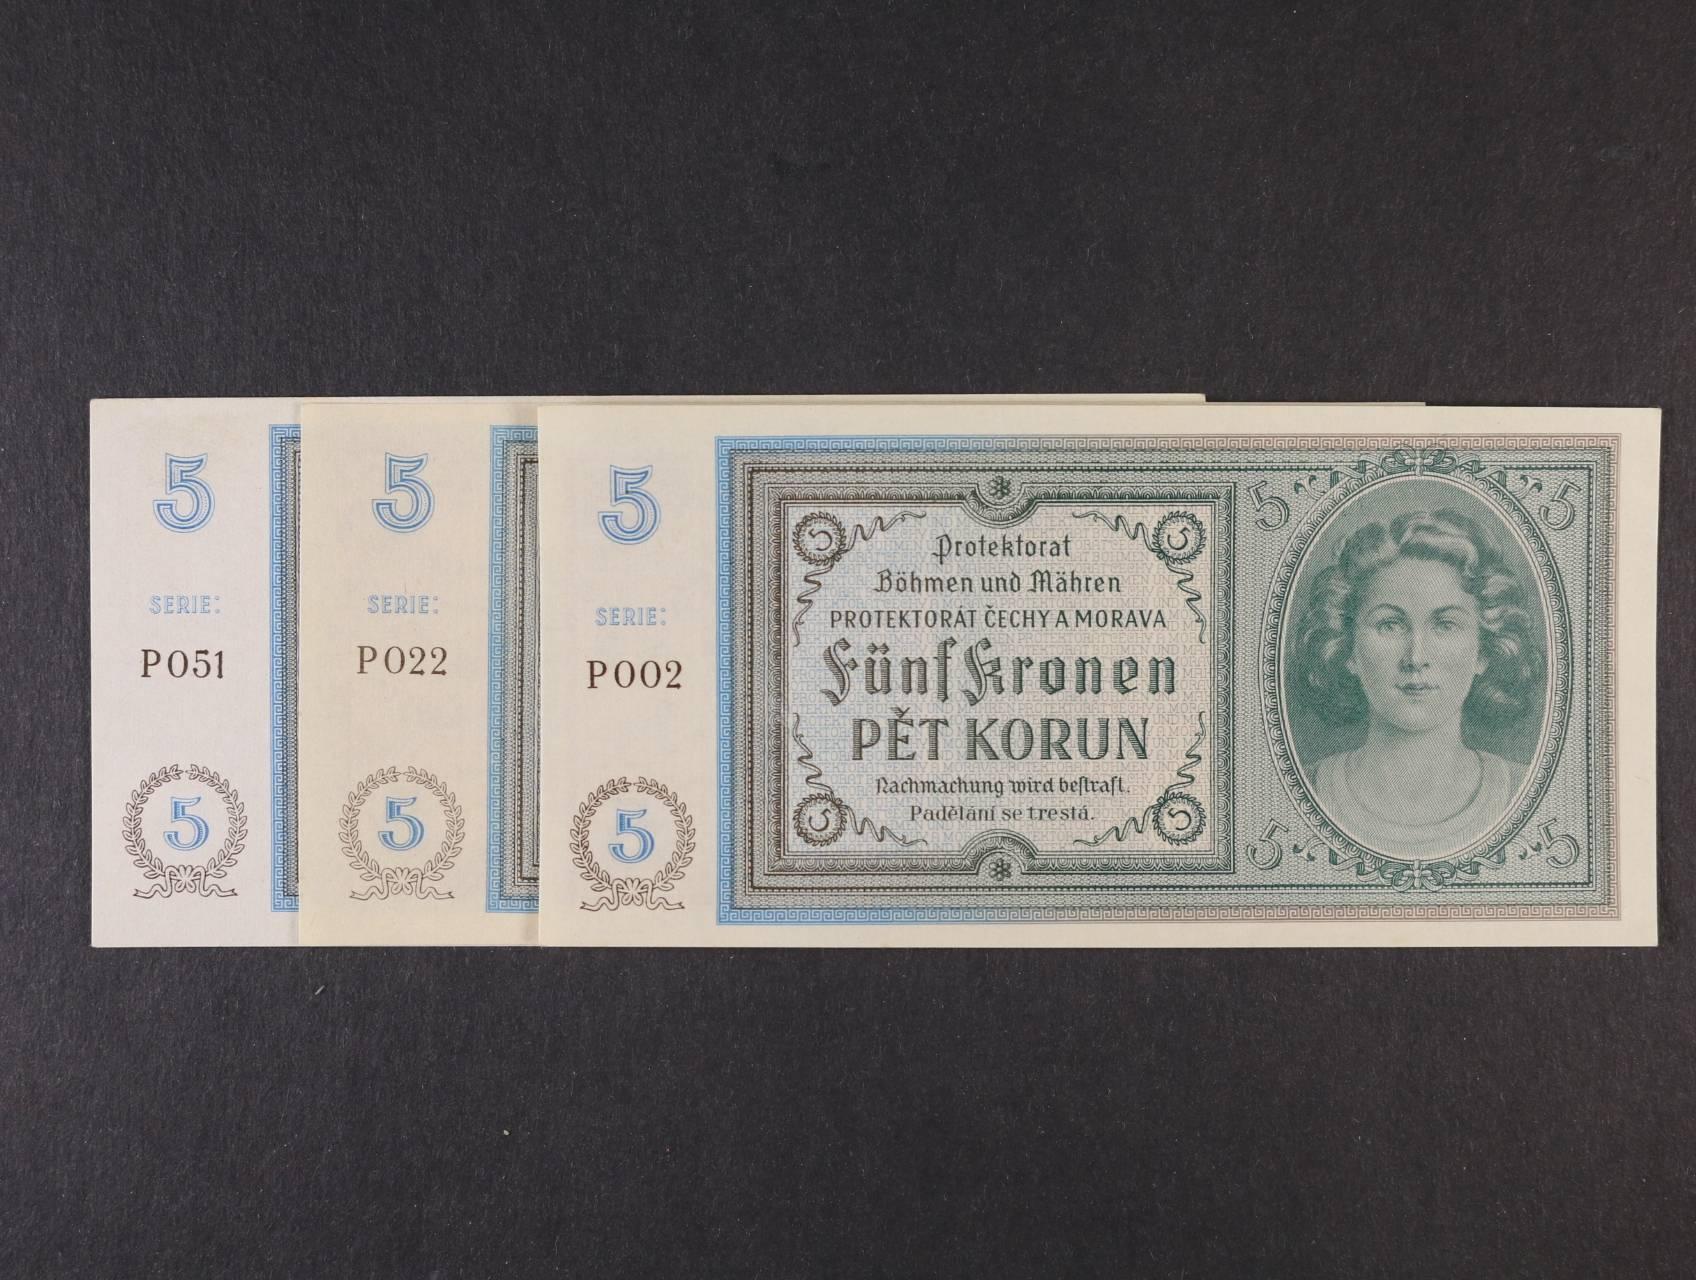 5 K 1940 série P 002 022, 051, Ba. 31, 3ks